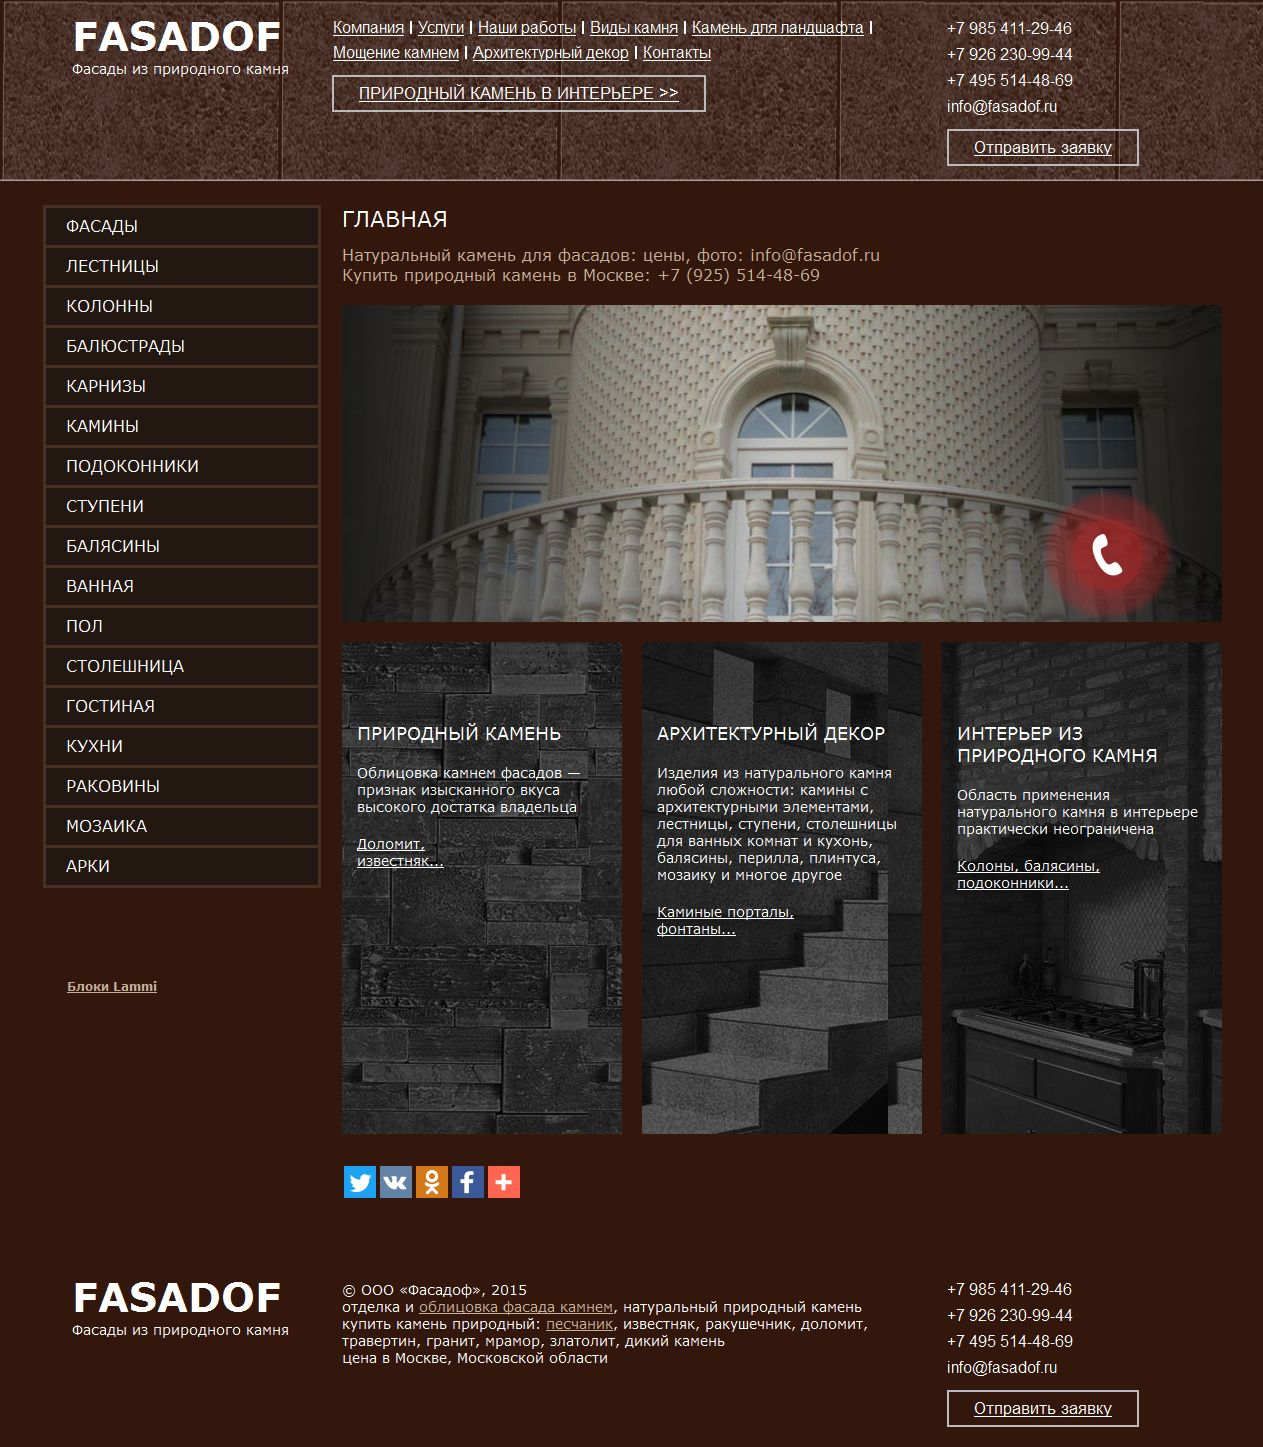 www.fasadof.ru - фасады из природного камня